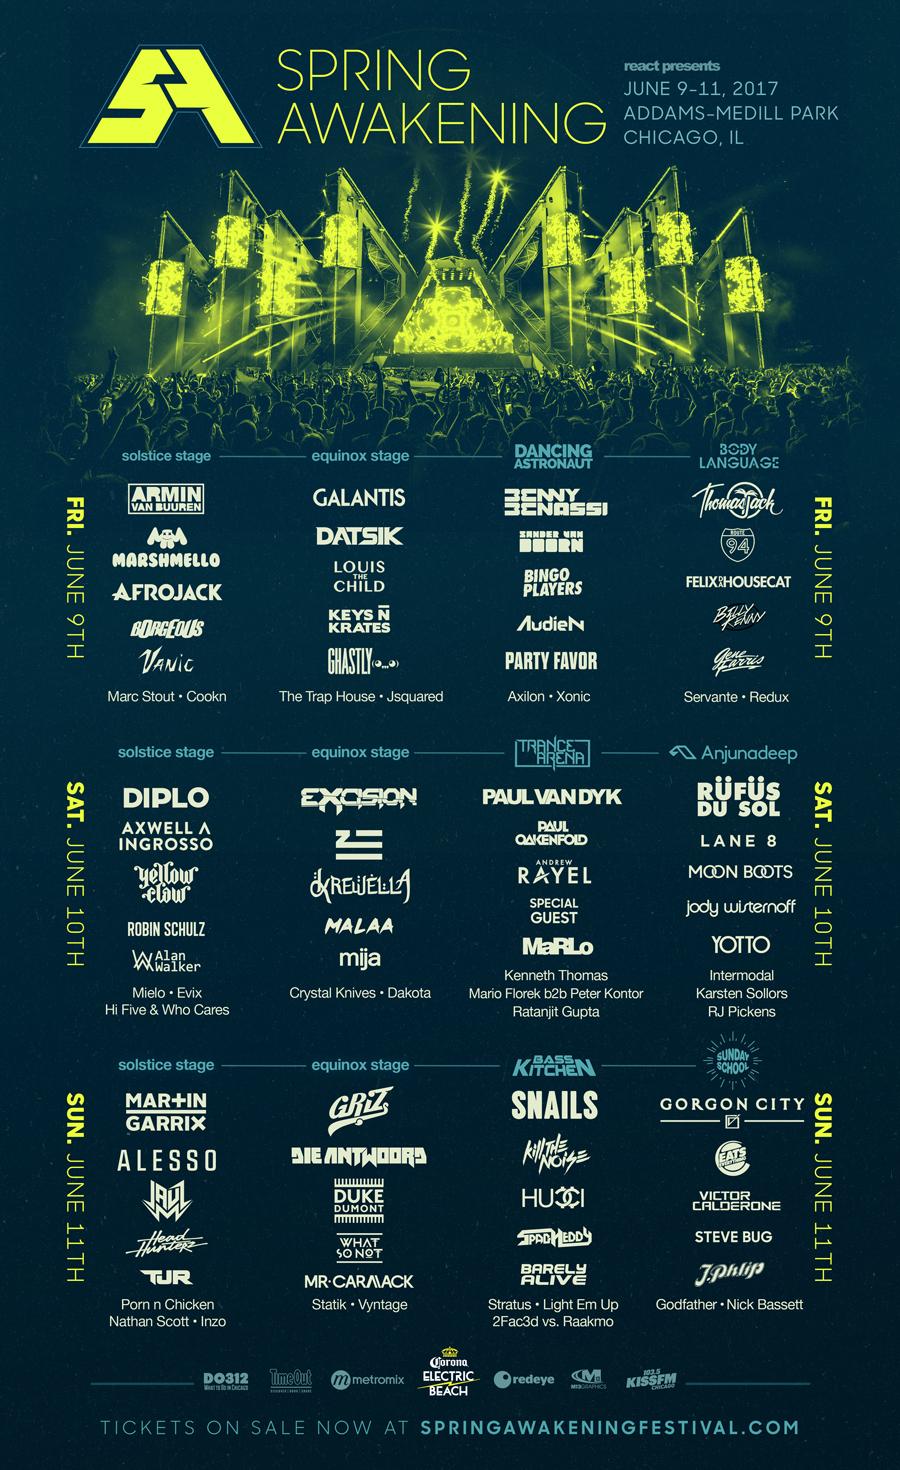 spring awakening 2017 tickets